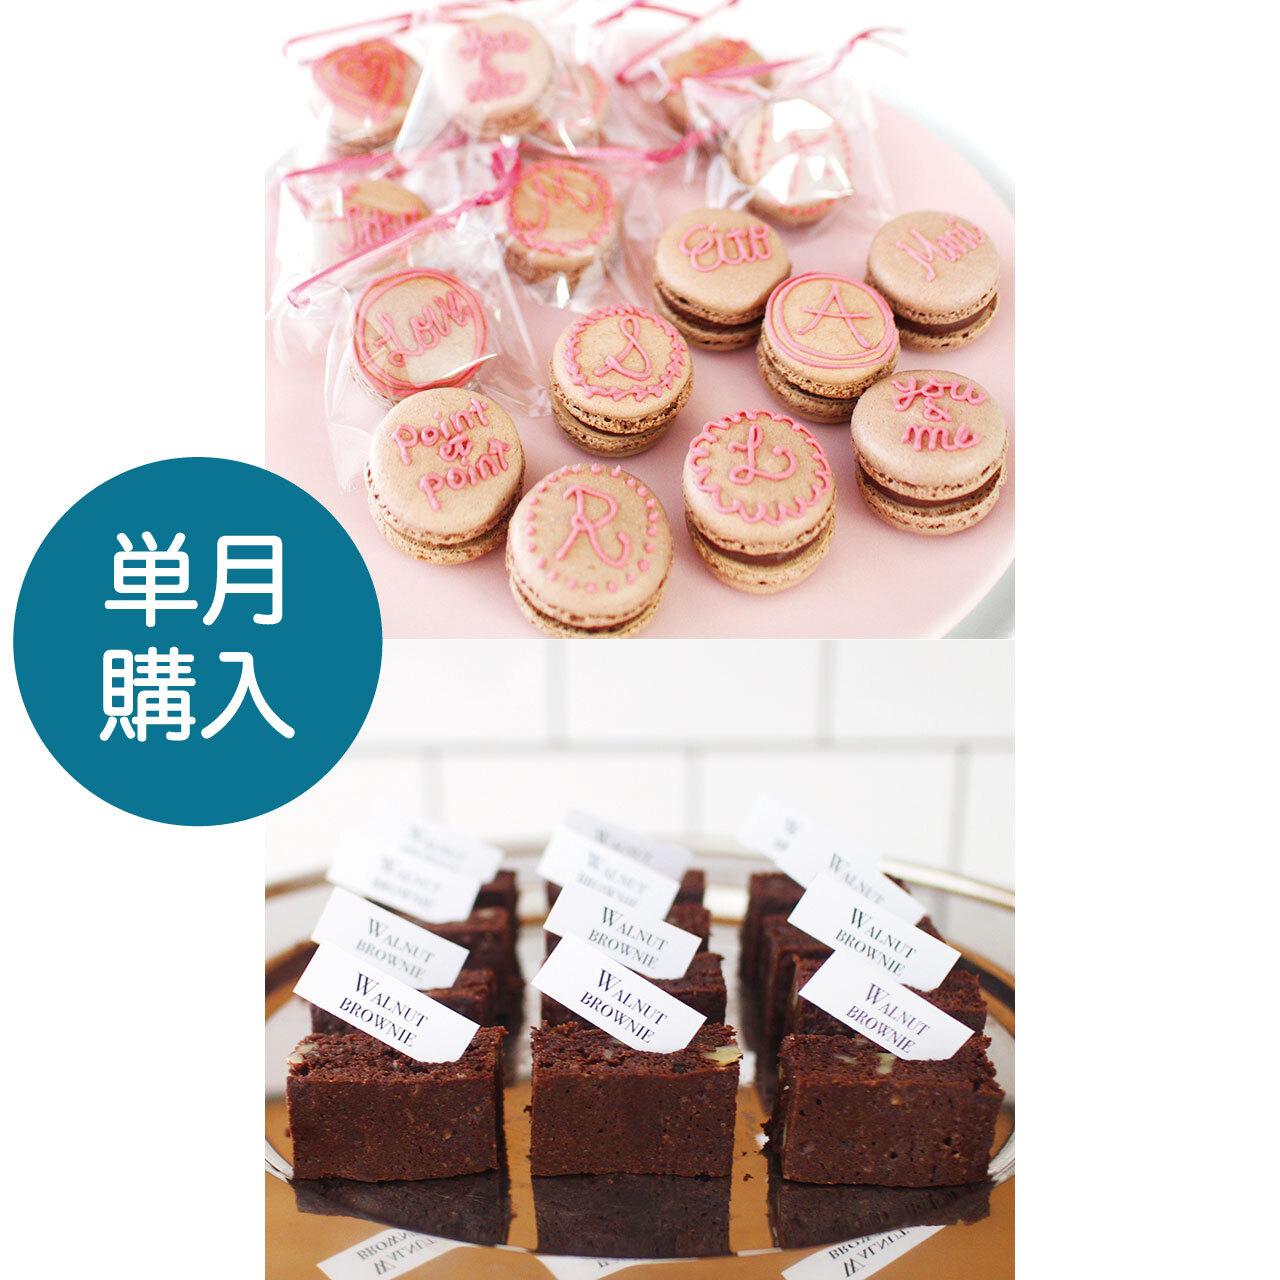 【単月購入】お菓子レッスンキット/2月メニュー